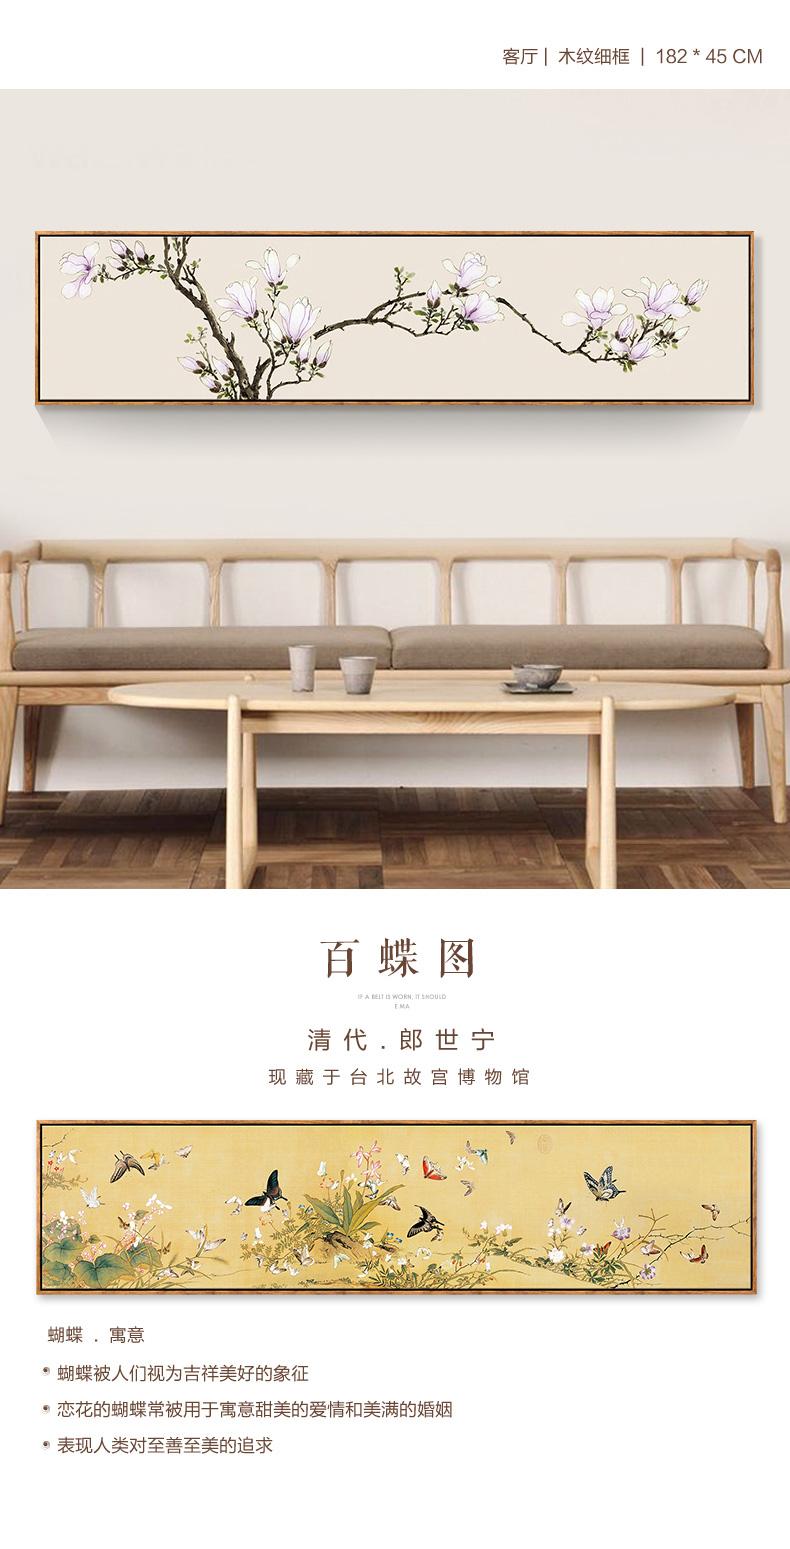 新中式装饰画详情|电商|网页|一杯江南 - 原创设计